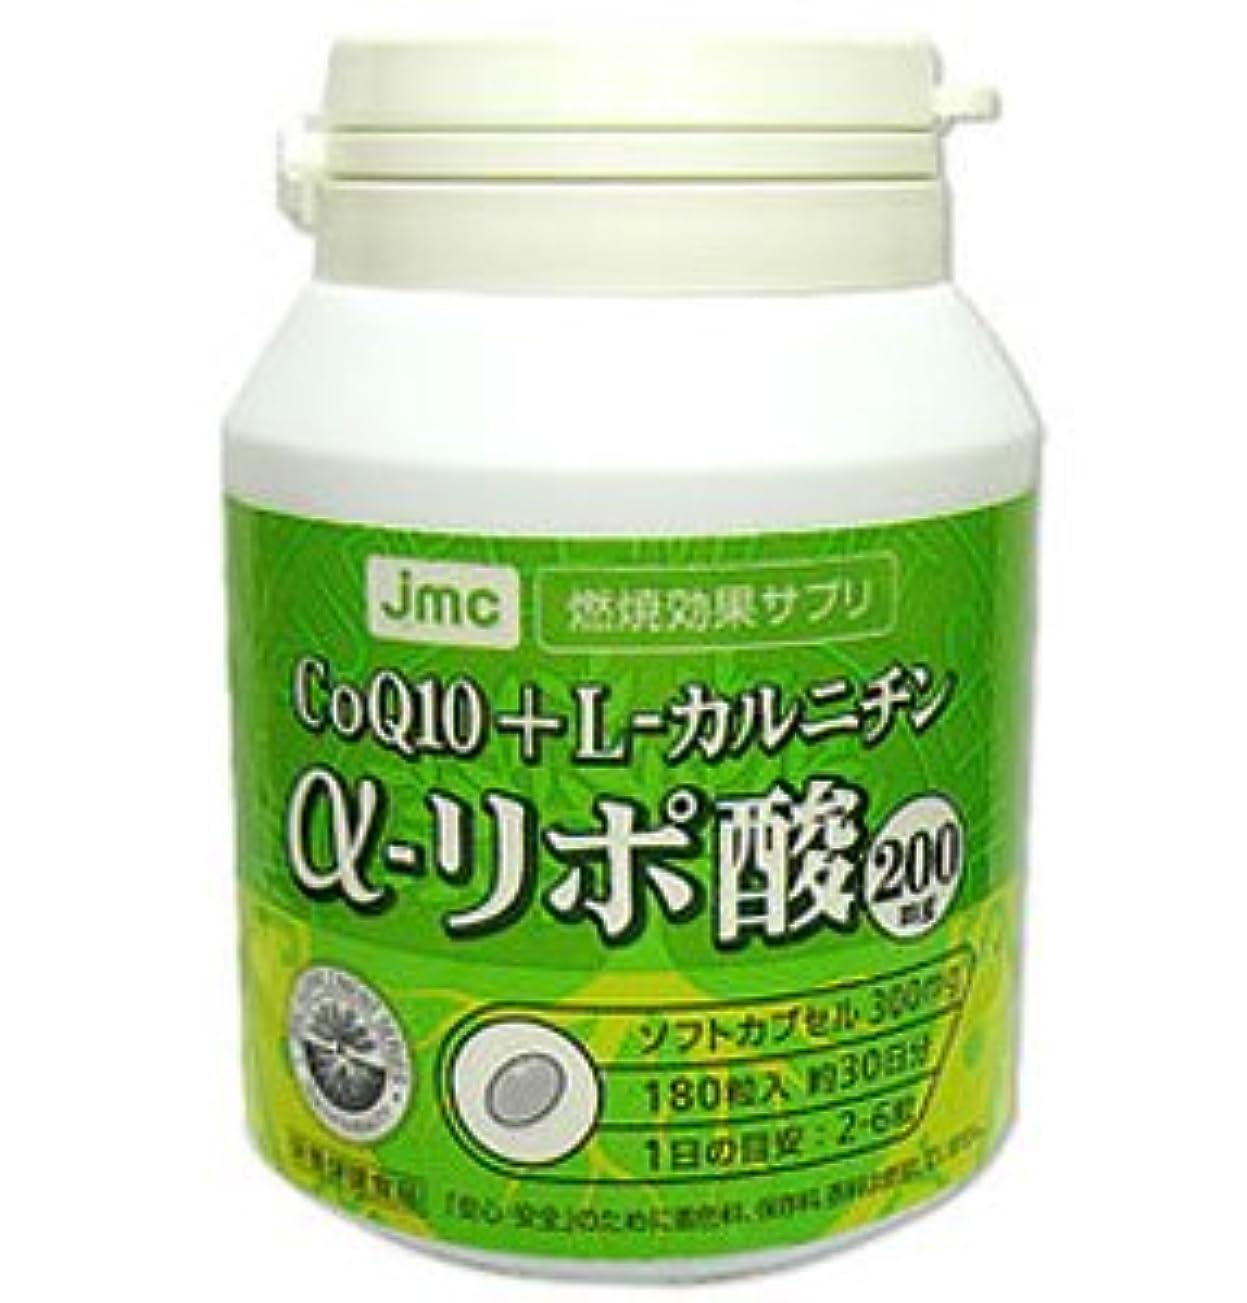 敵対的怖がって死ぬまたはα-リポ酸200mg(αリポ酸、COQ10、L-カルニチン、共役リノール酸配合ダイエットサプリ)